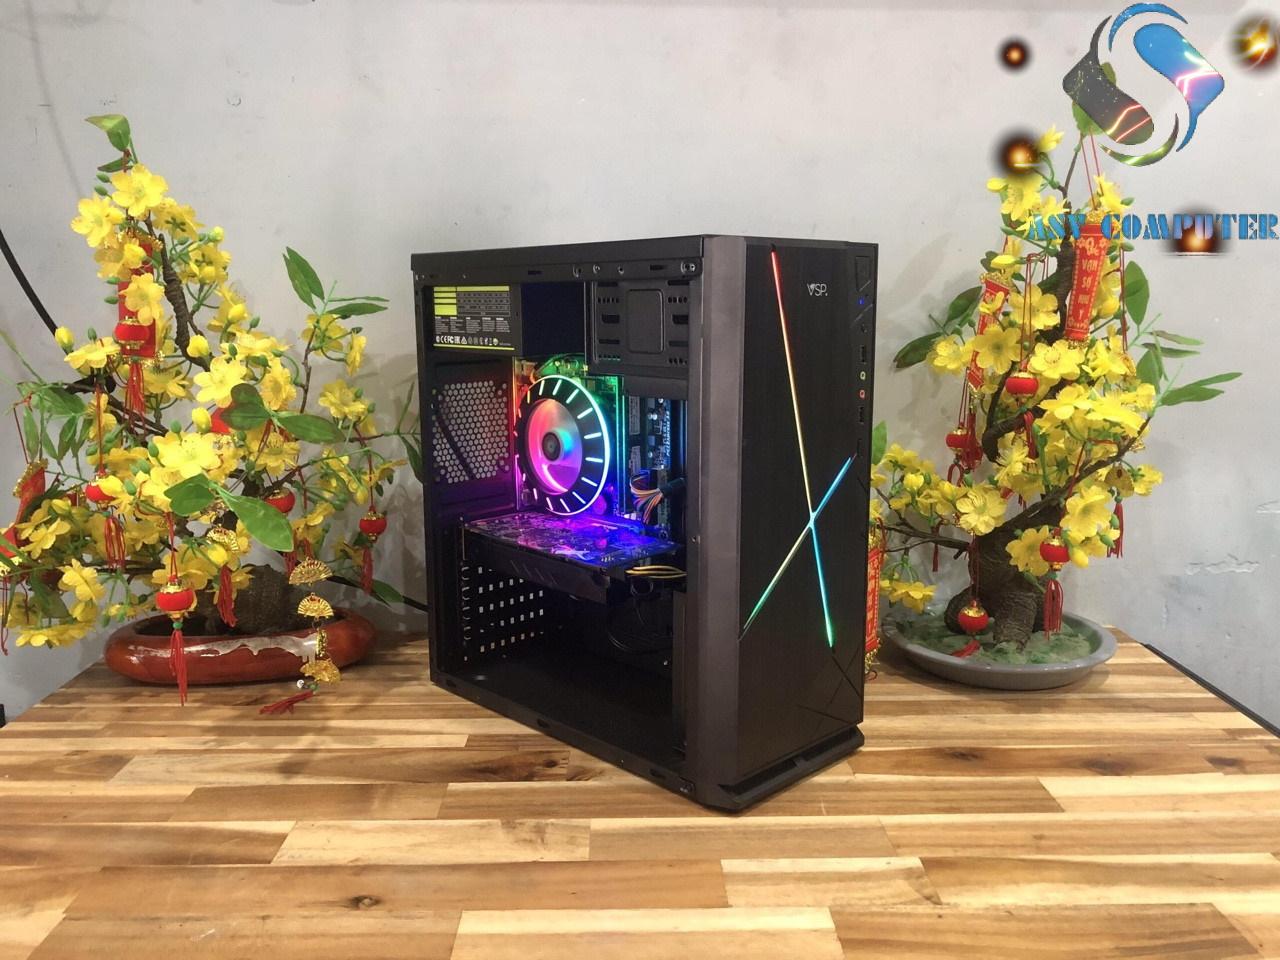 Voucher Khuyến Mãi Máy Tính Chơi Game AMD X4 760K, Ram 8GB, Card R7 240, Case Như Hình